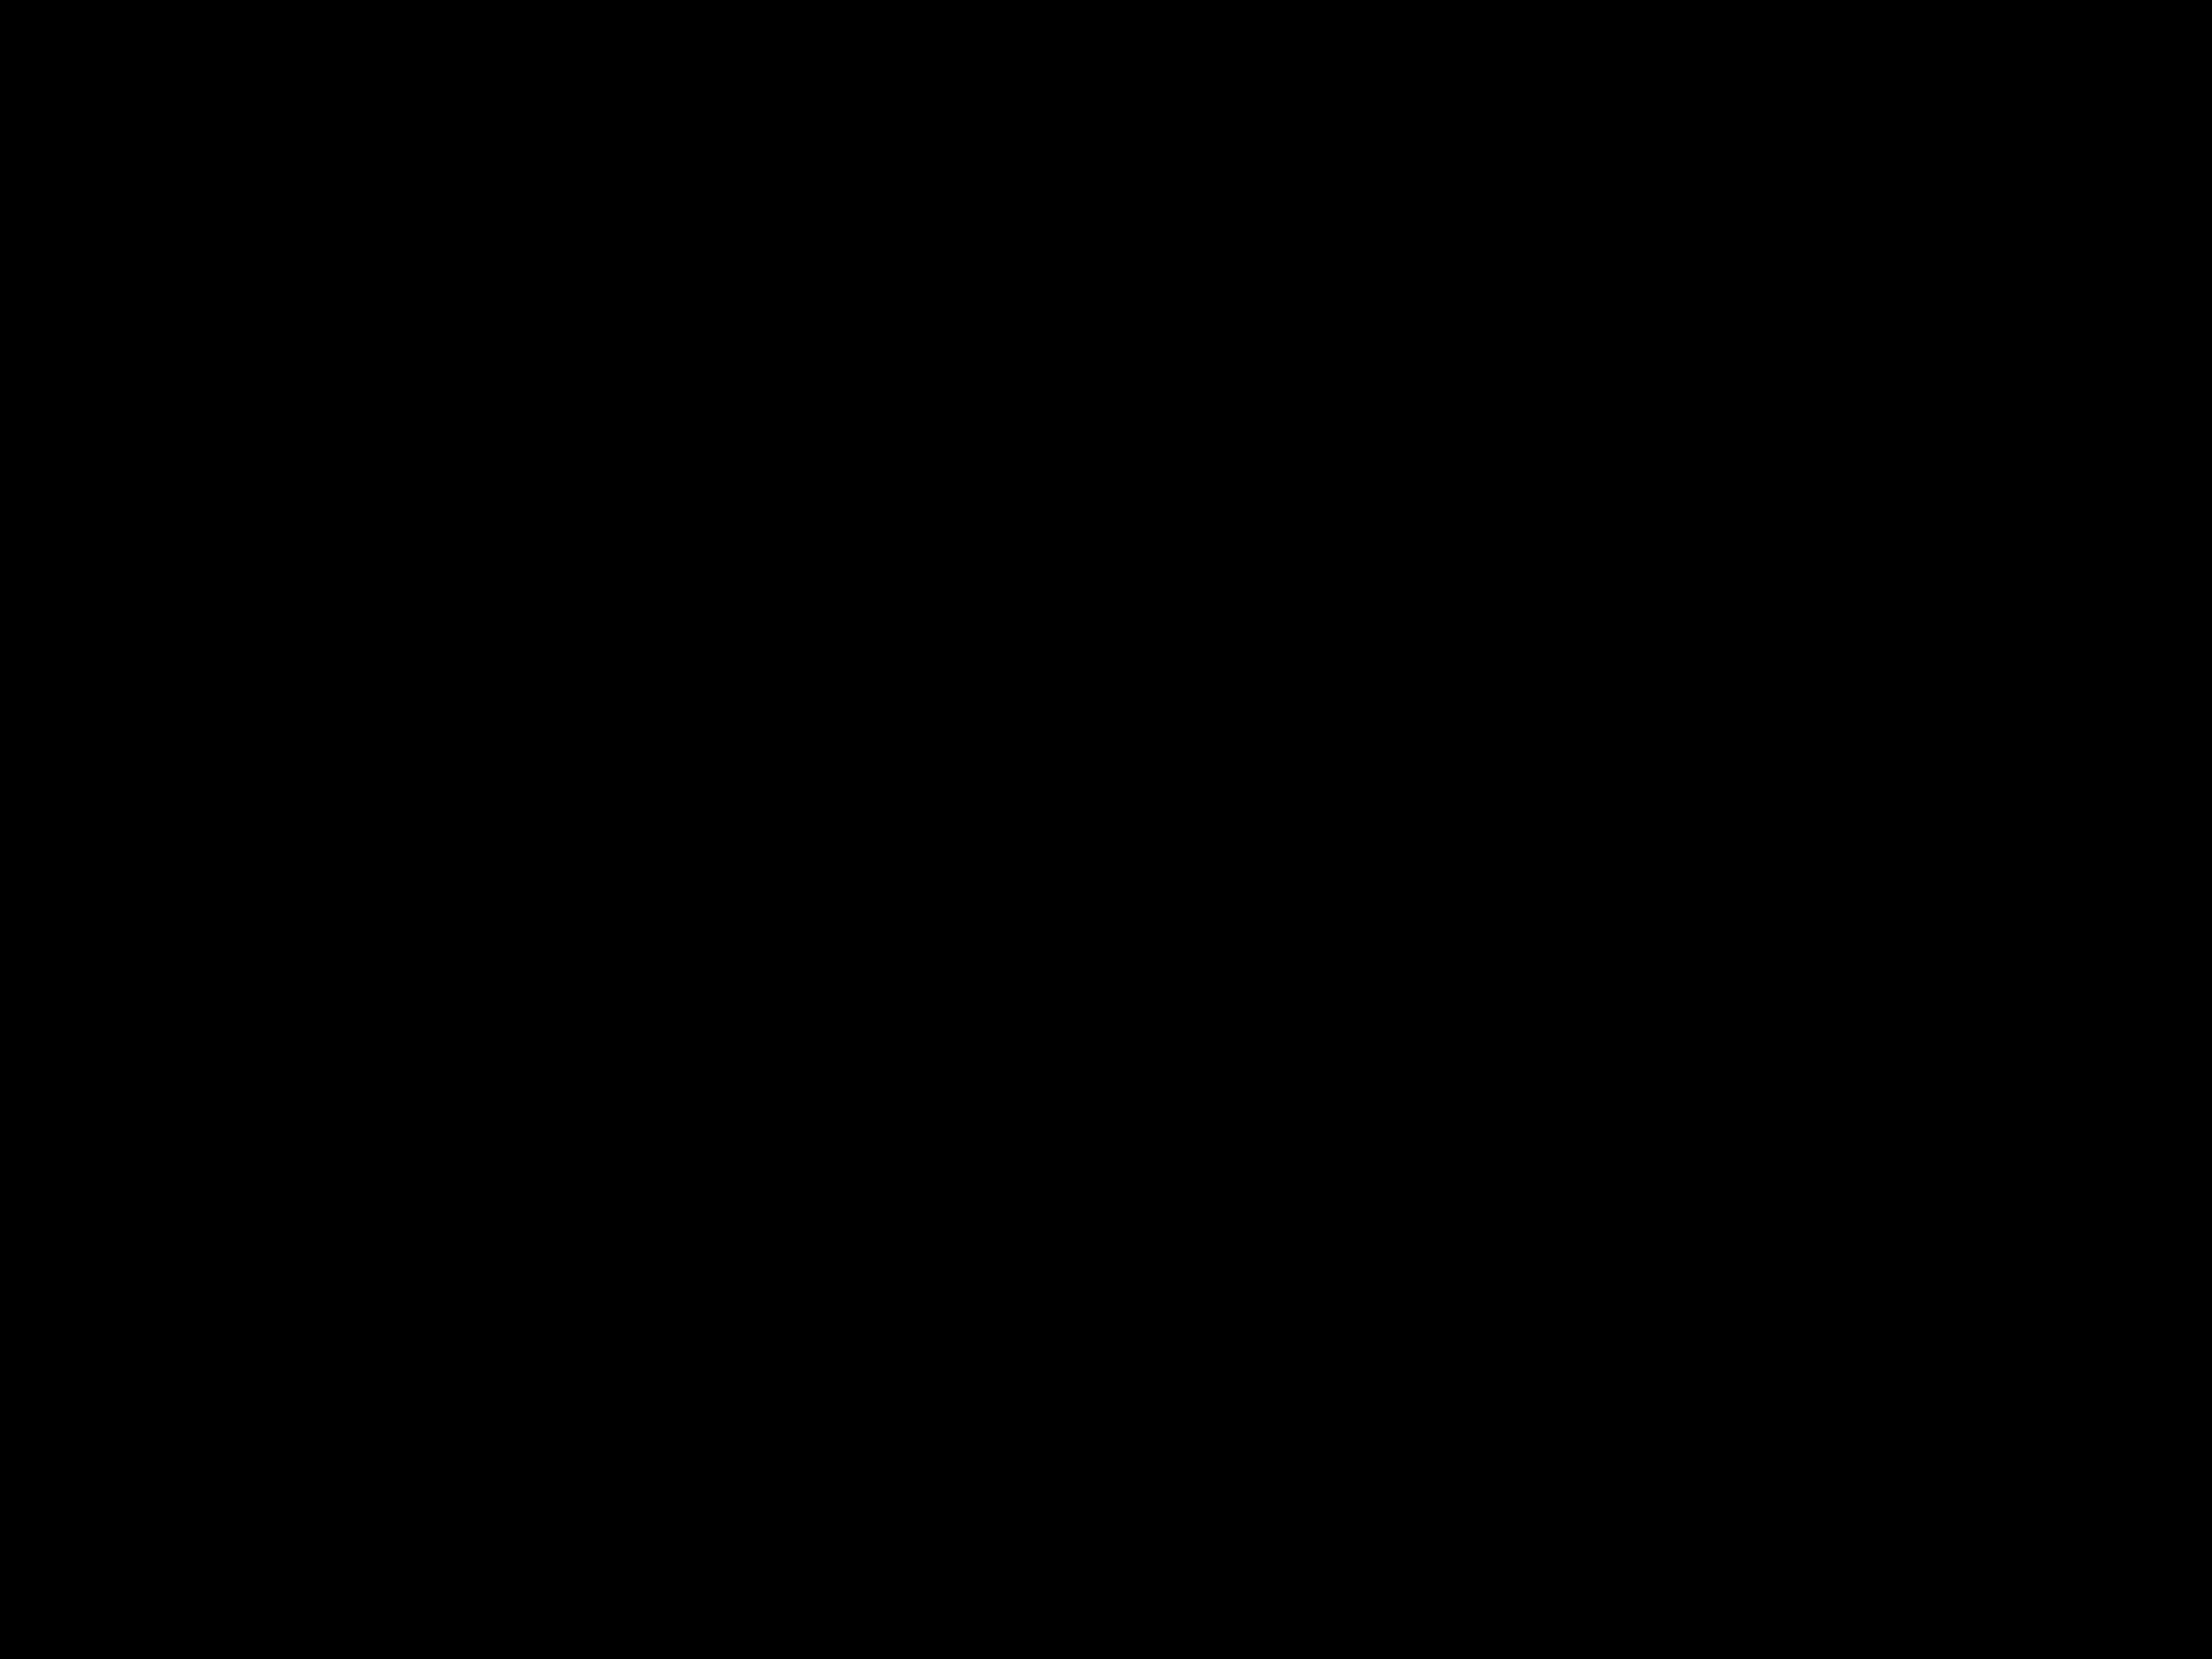 Солнцезащитные очки, поляризованные UV400 - Фото №2